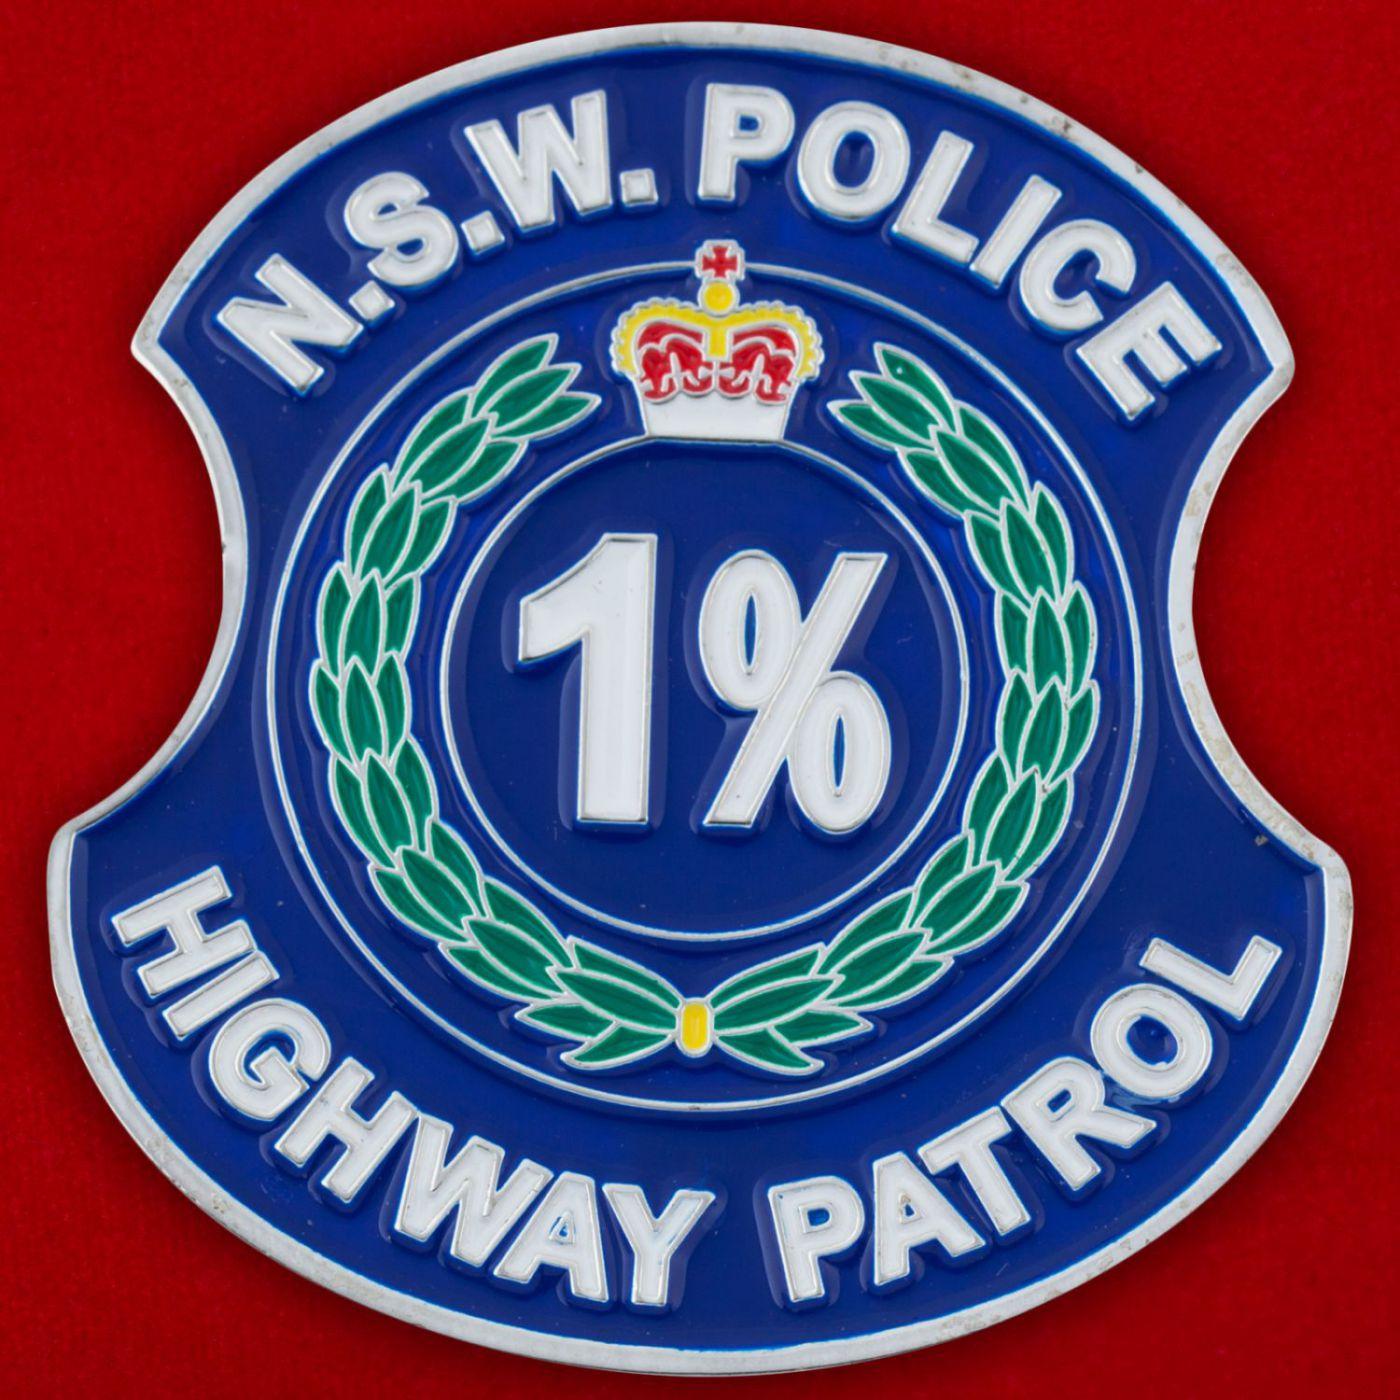 Челлендж коин Дорожного патруля полиции штата Новый Южный Уэльс (Австралия)